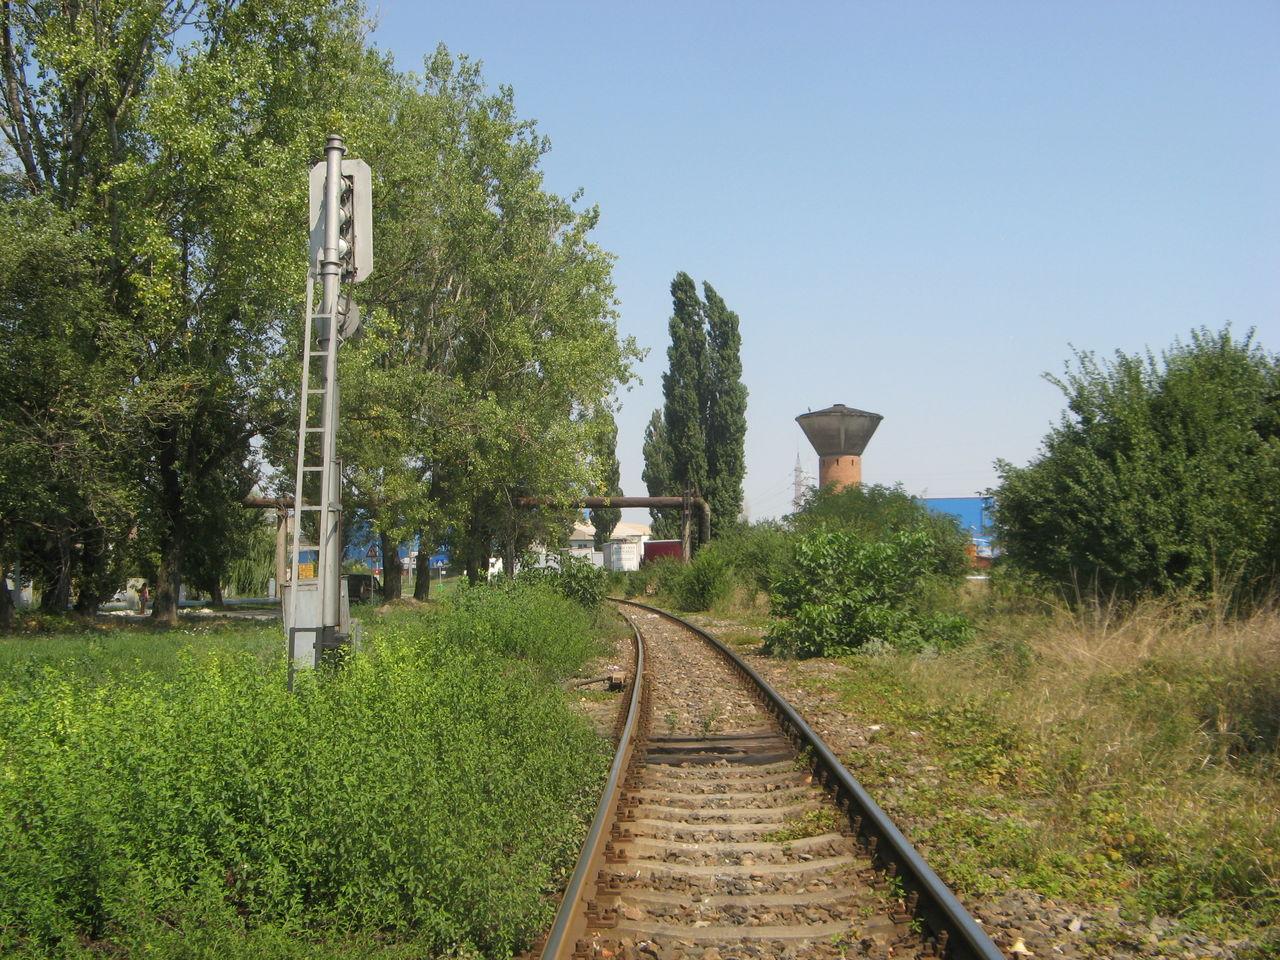 Calea ferată directă Oradea Vest - Episcopia Bihor IMG_0038